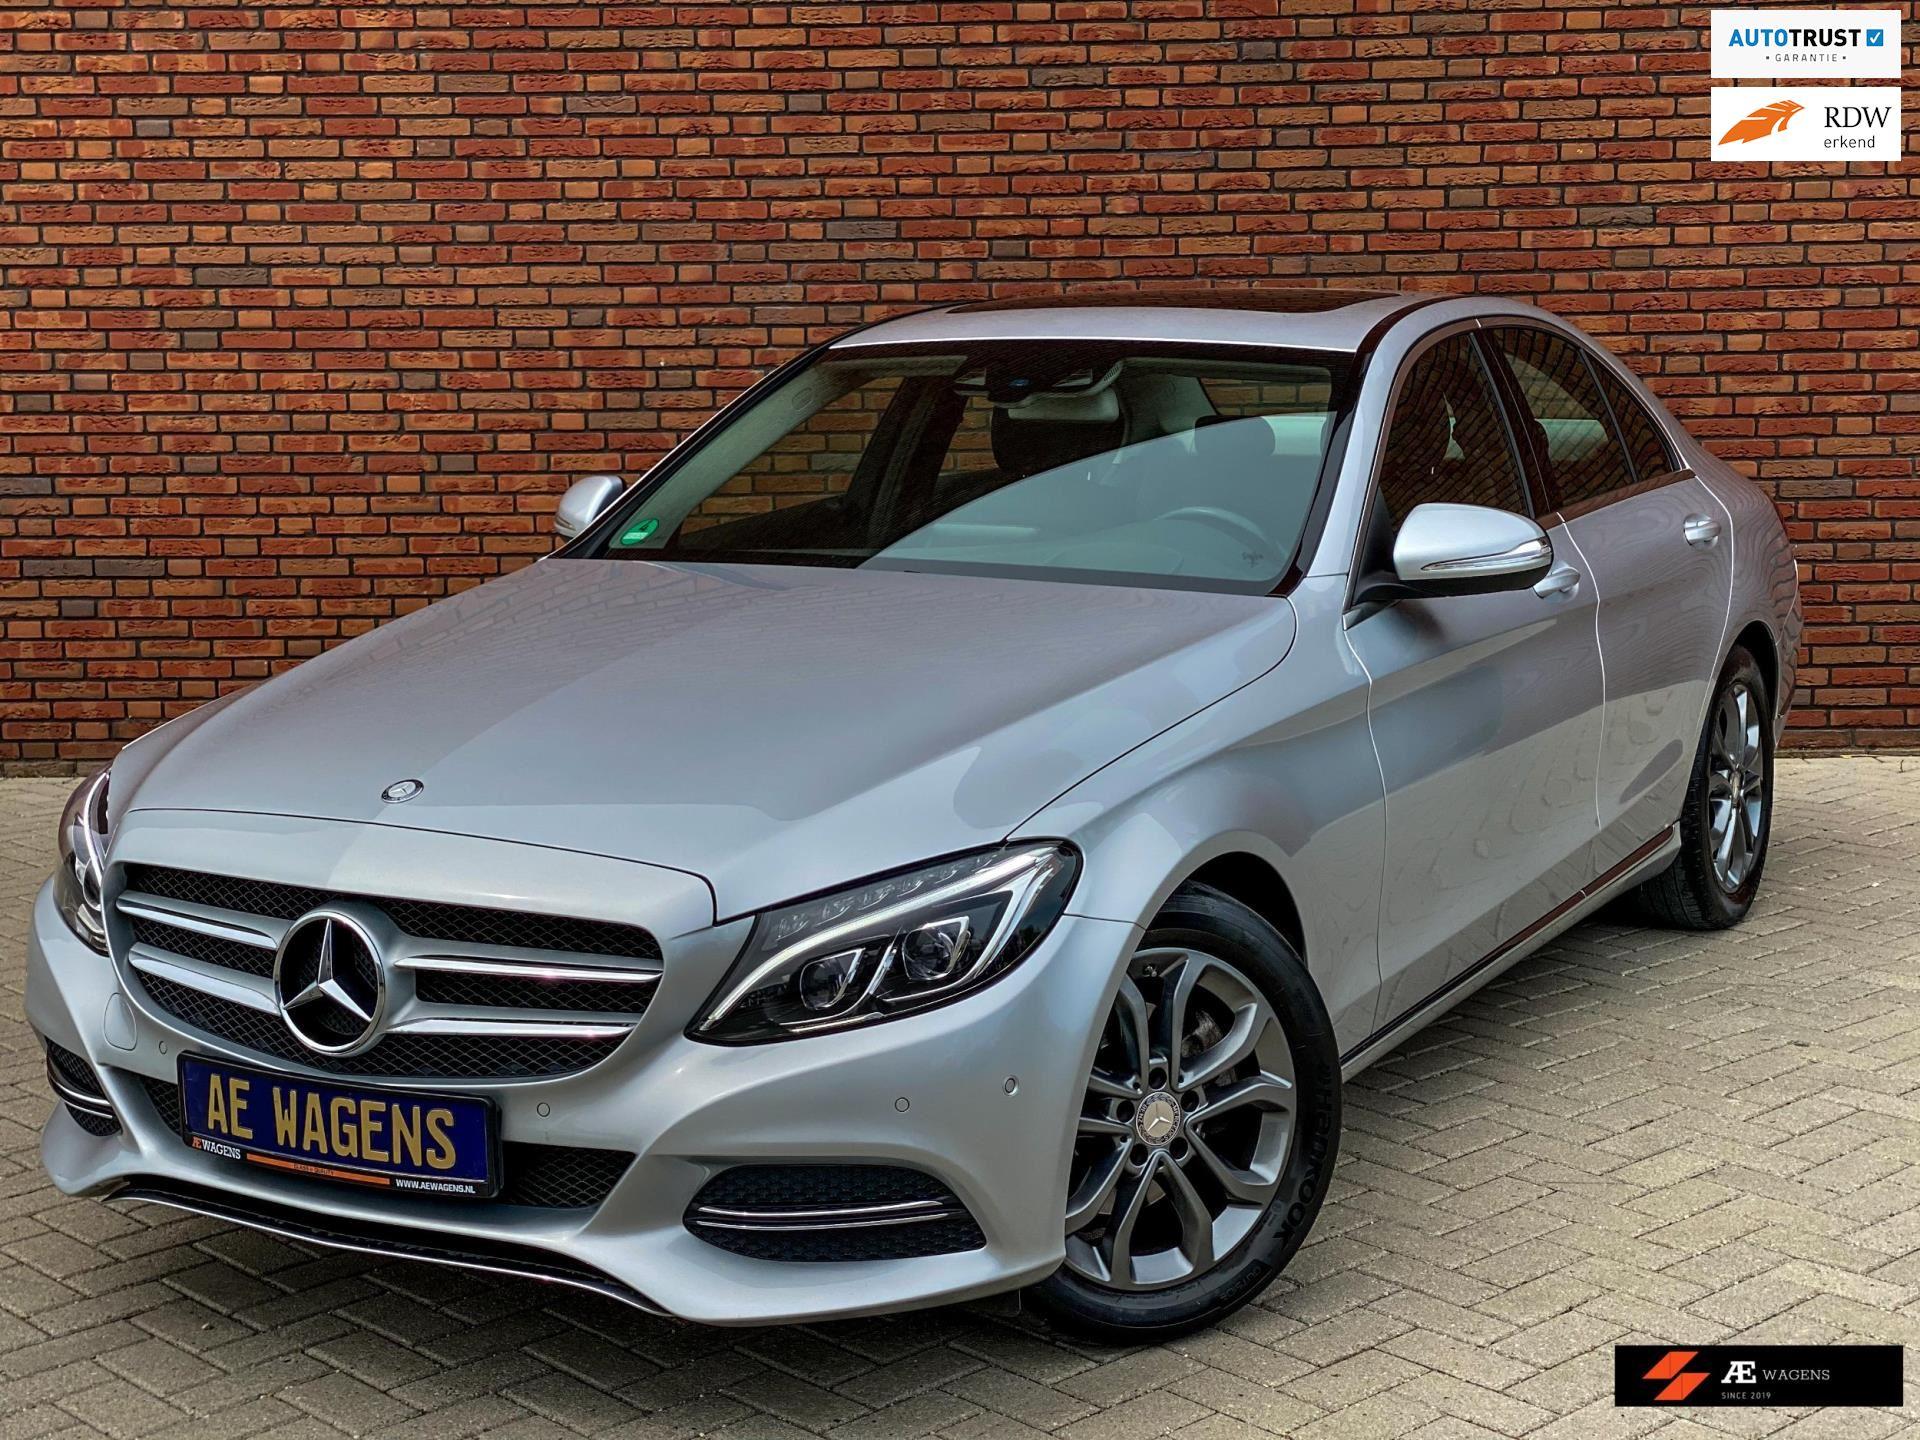 Mercedes-Benz C-klasse occasion - AE Wagens